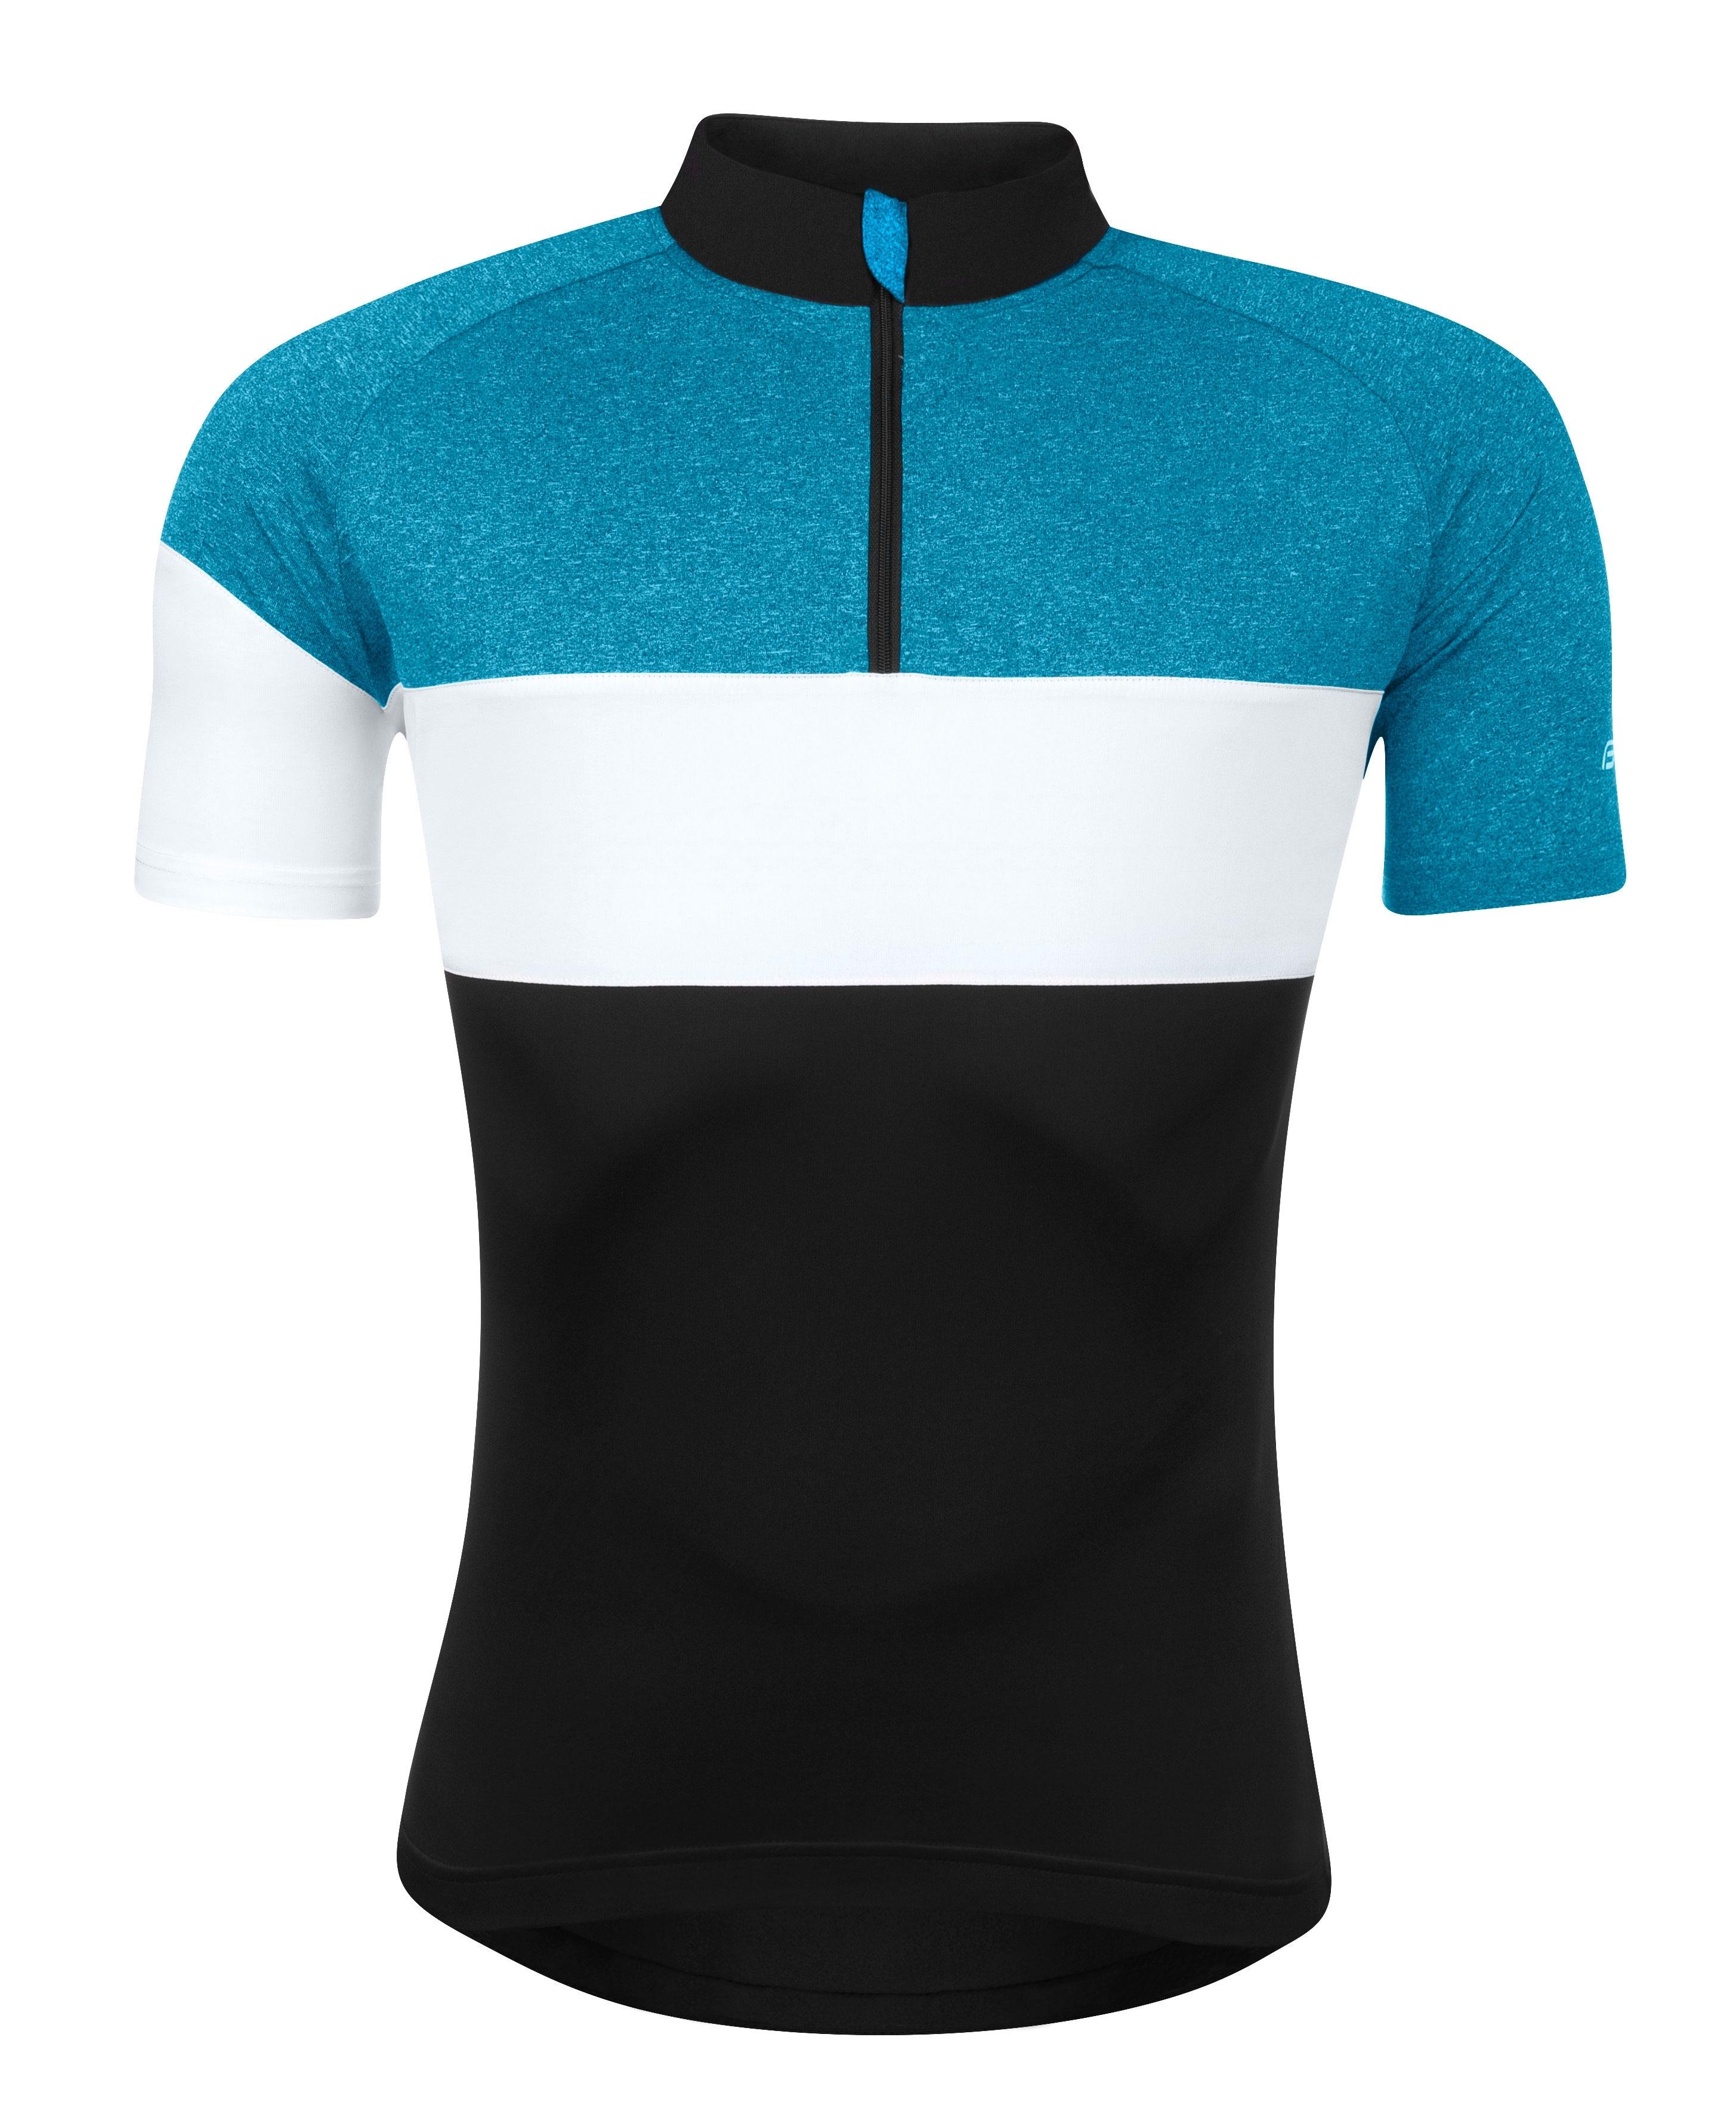 dres FORCE VIEW krátký rukáv,černo-modro-bílý L